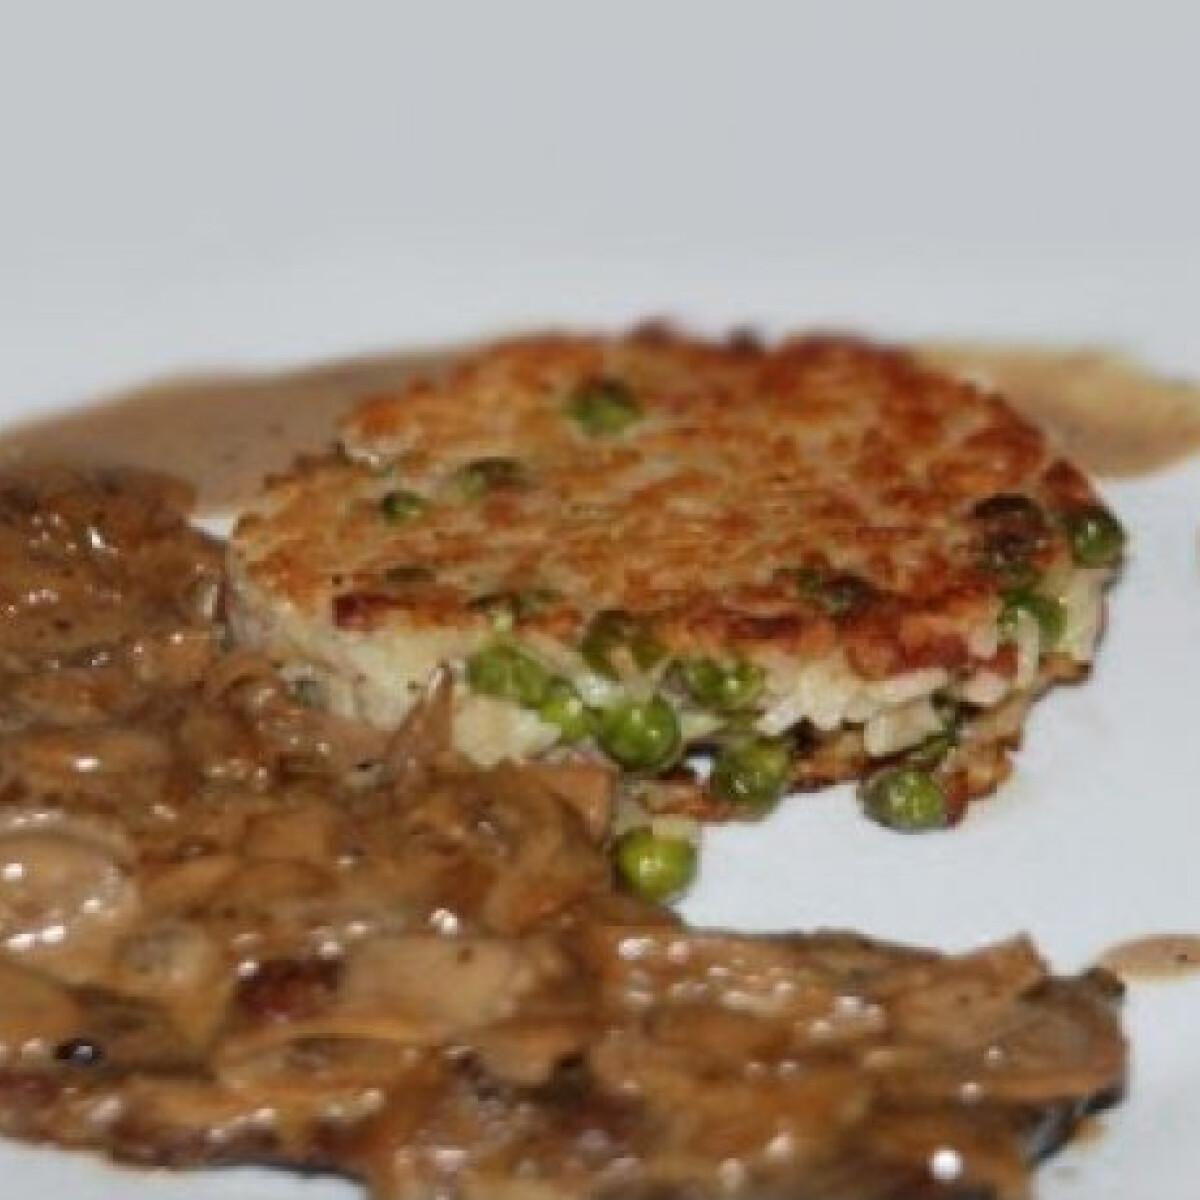 Ezen a képen: Steak Diane sült rizspiláffal